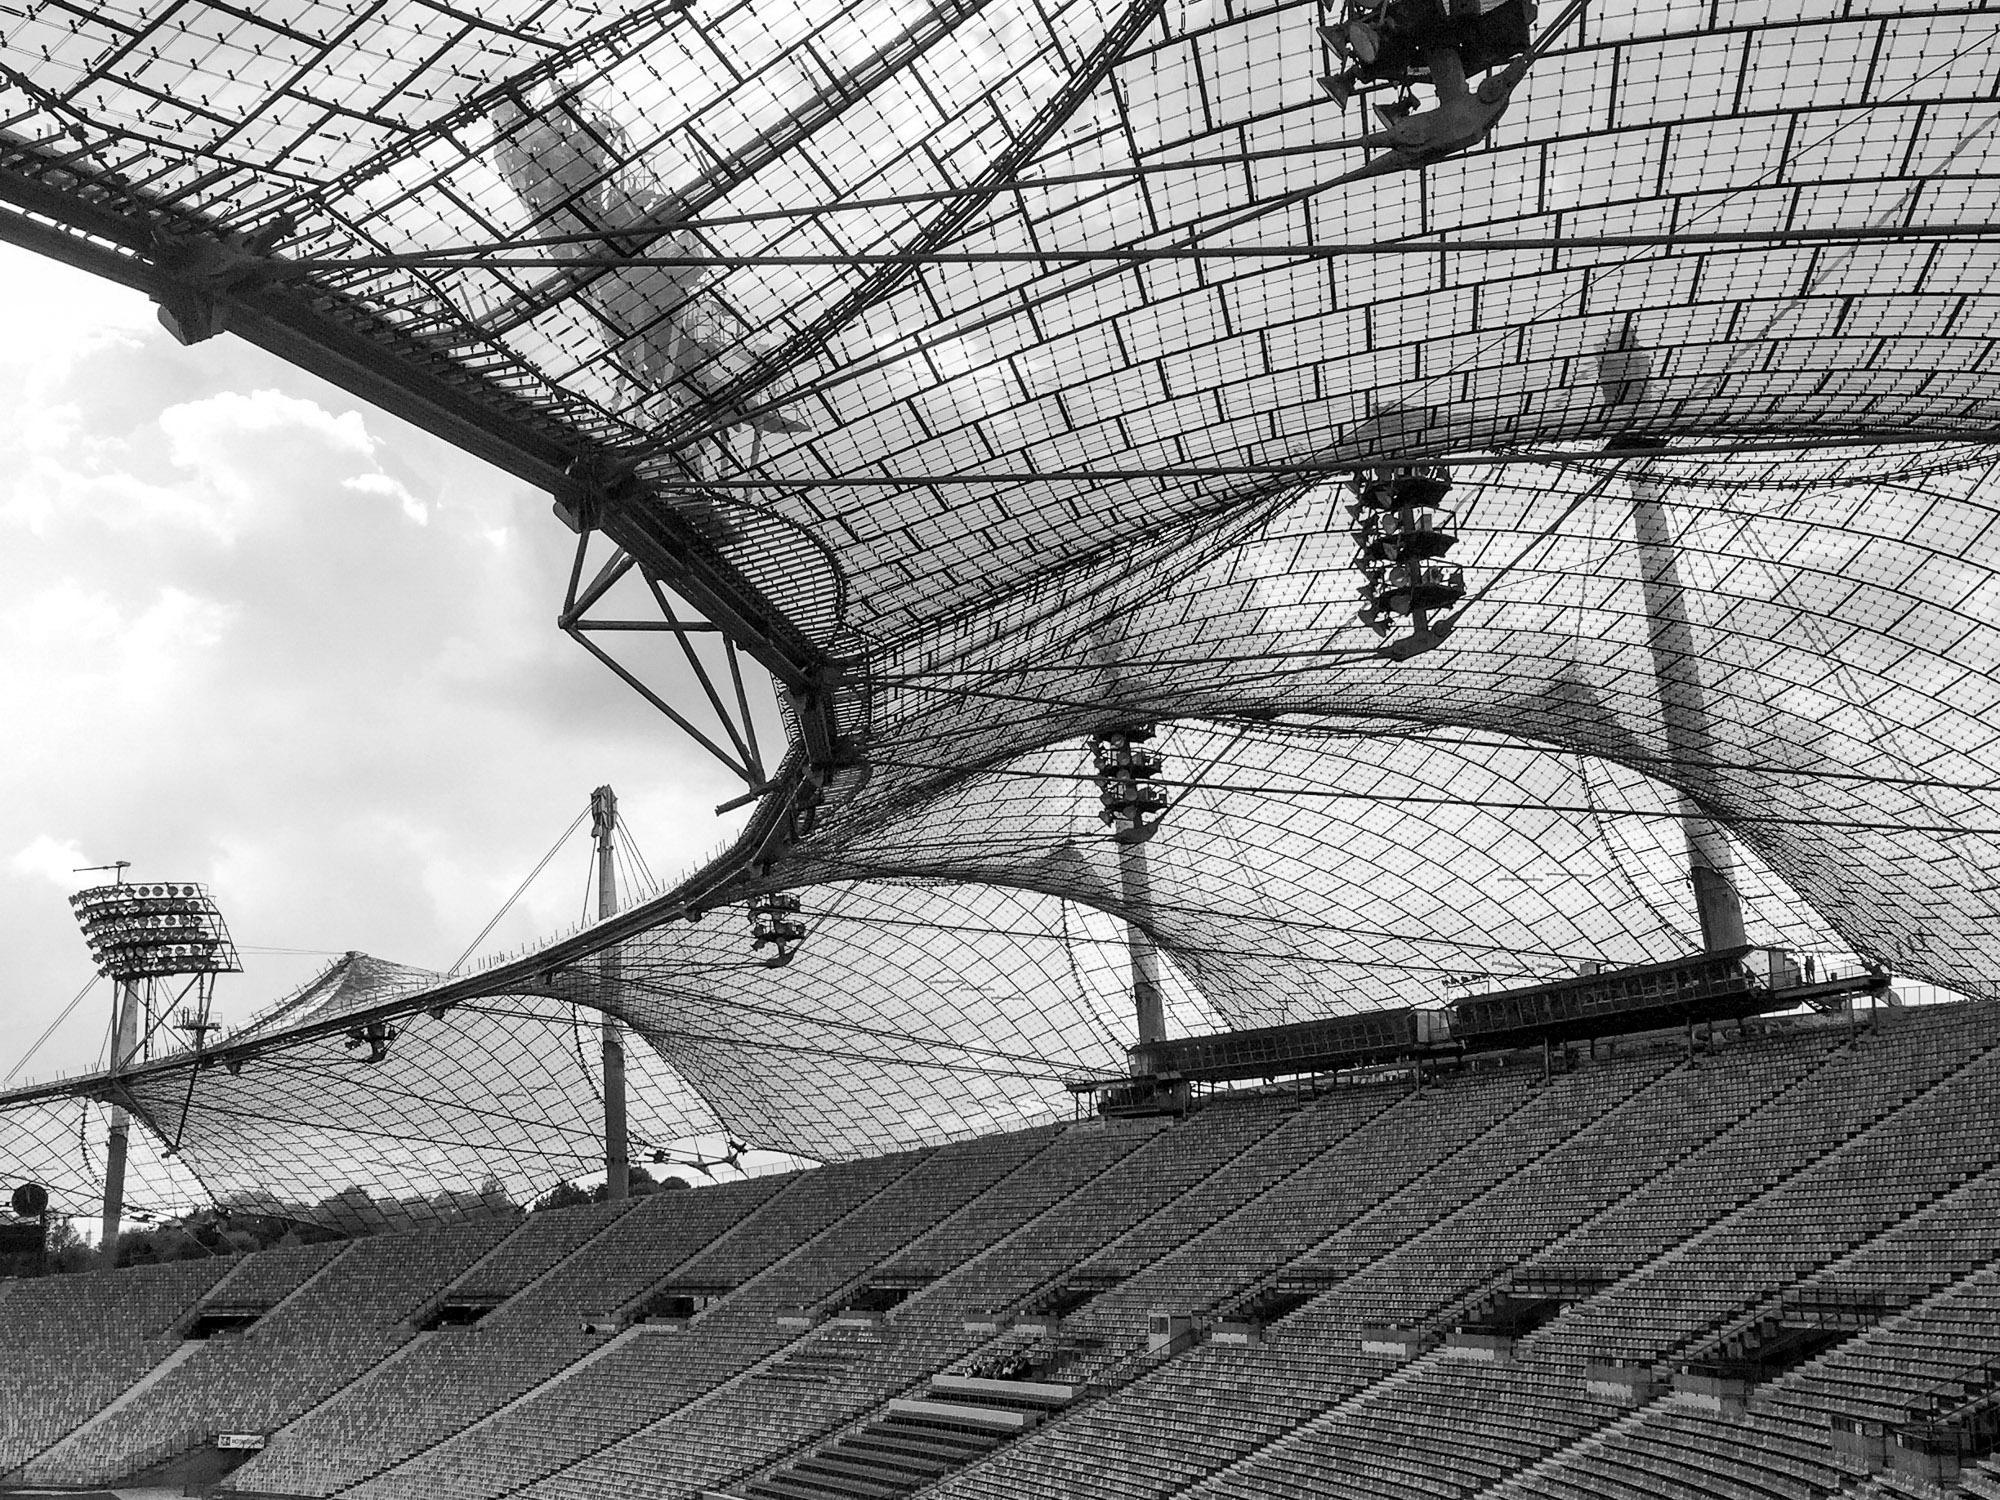 unregelmäßige Dachkonstruktion über den Rängen eines Sportstadiums